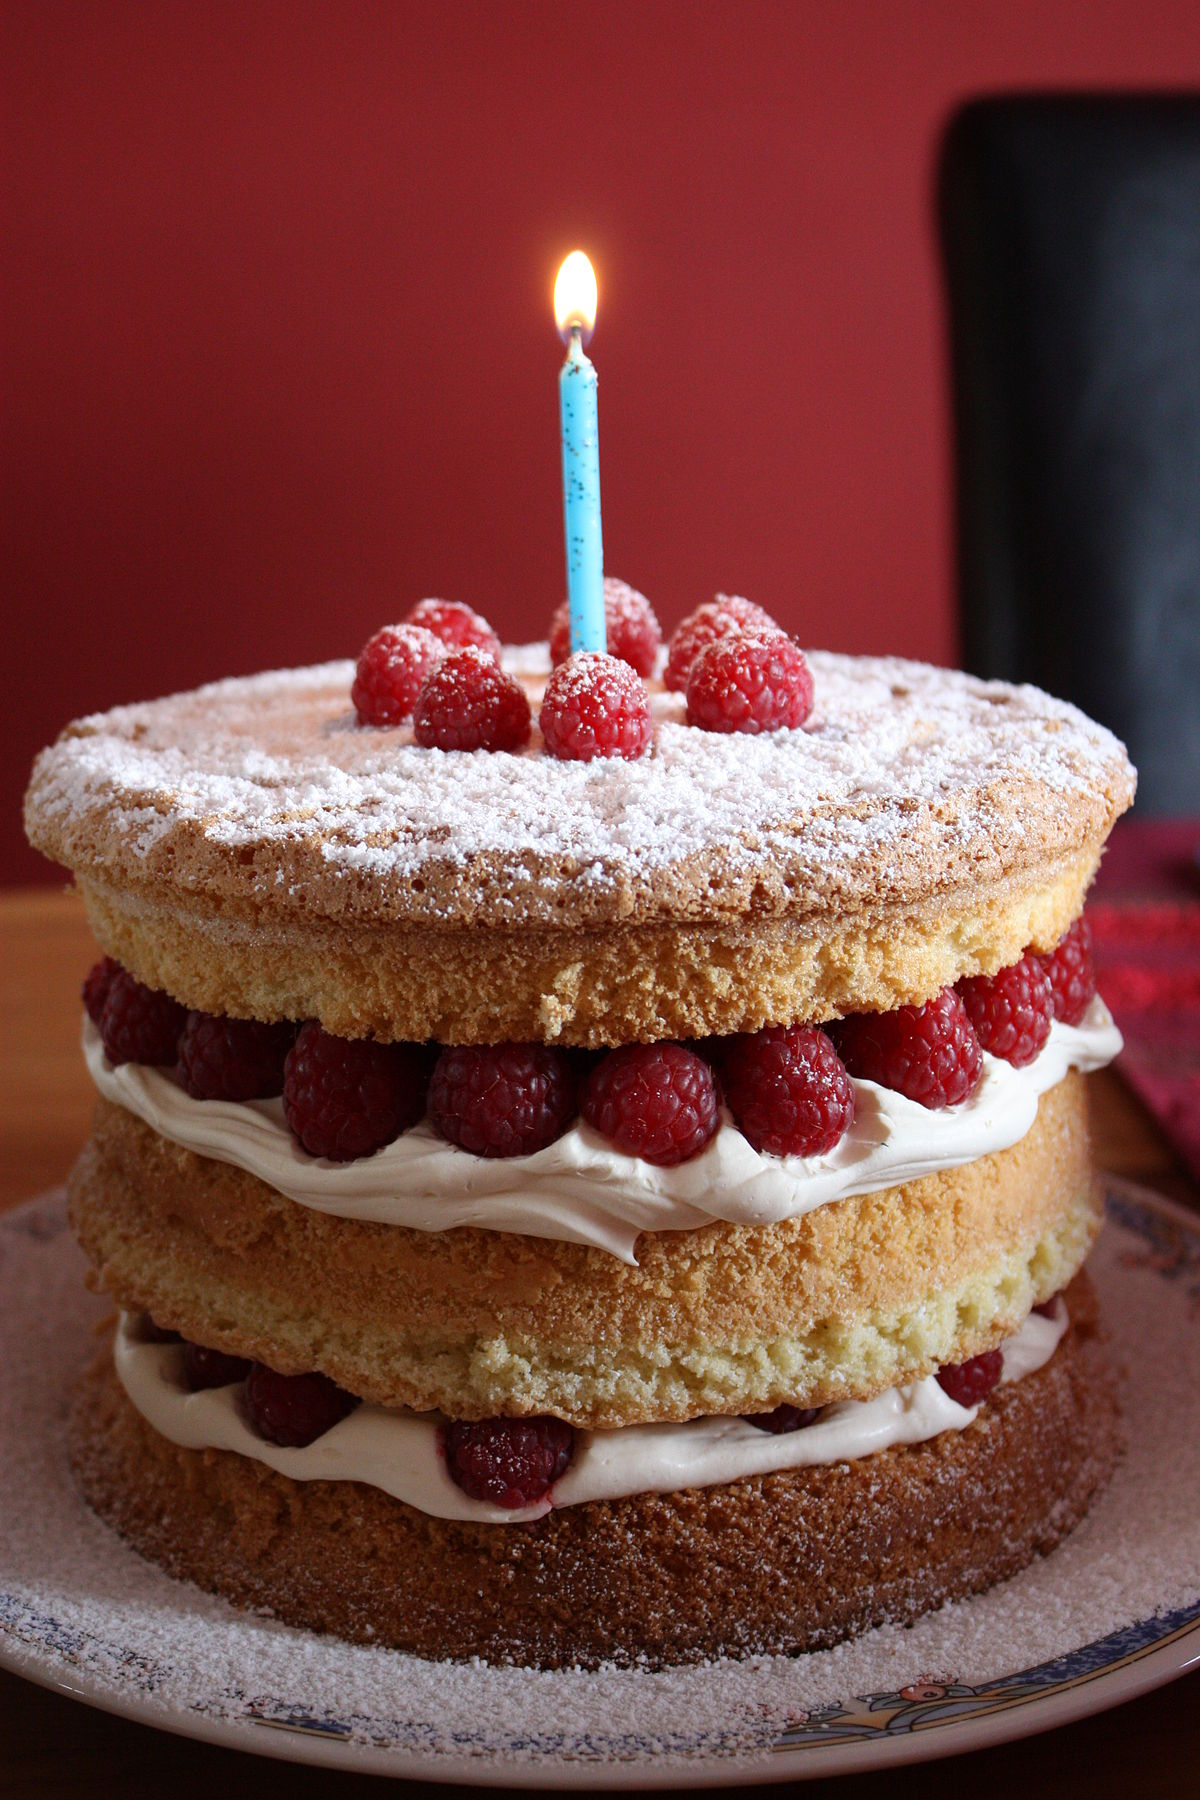 生日蛋糕 维基百科,自由的百科全书